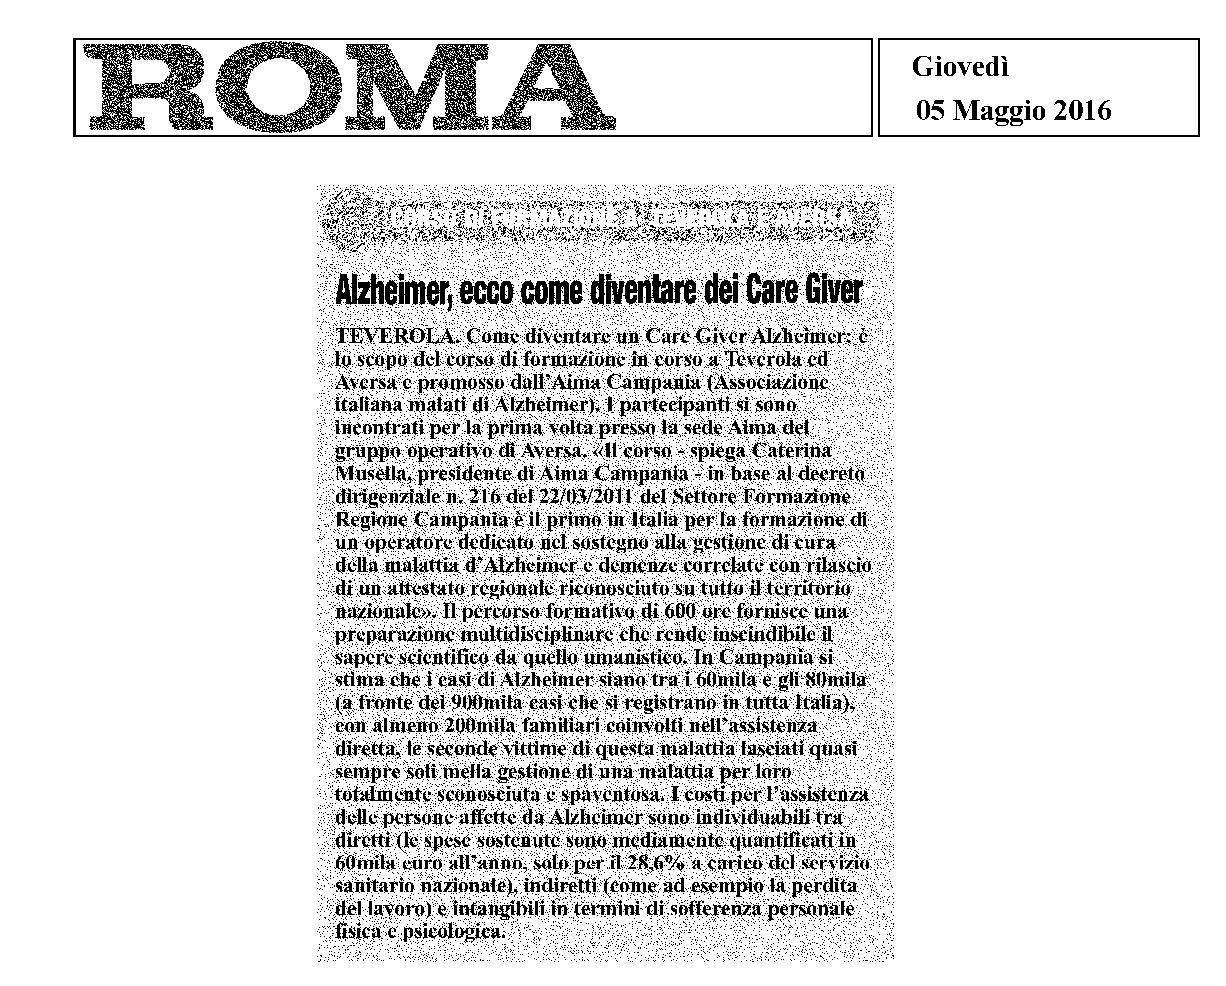 ALZHEIMER, ECCO COME DIVENTARE DEI CAVE GIVER-page-001